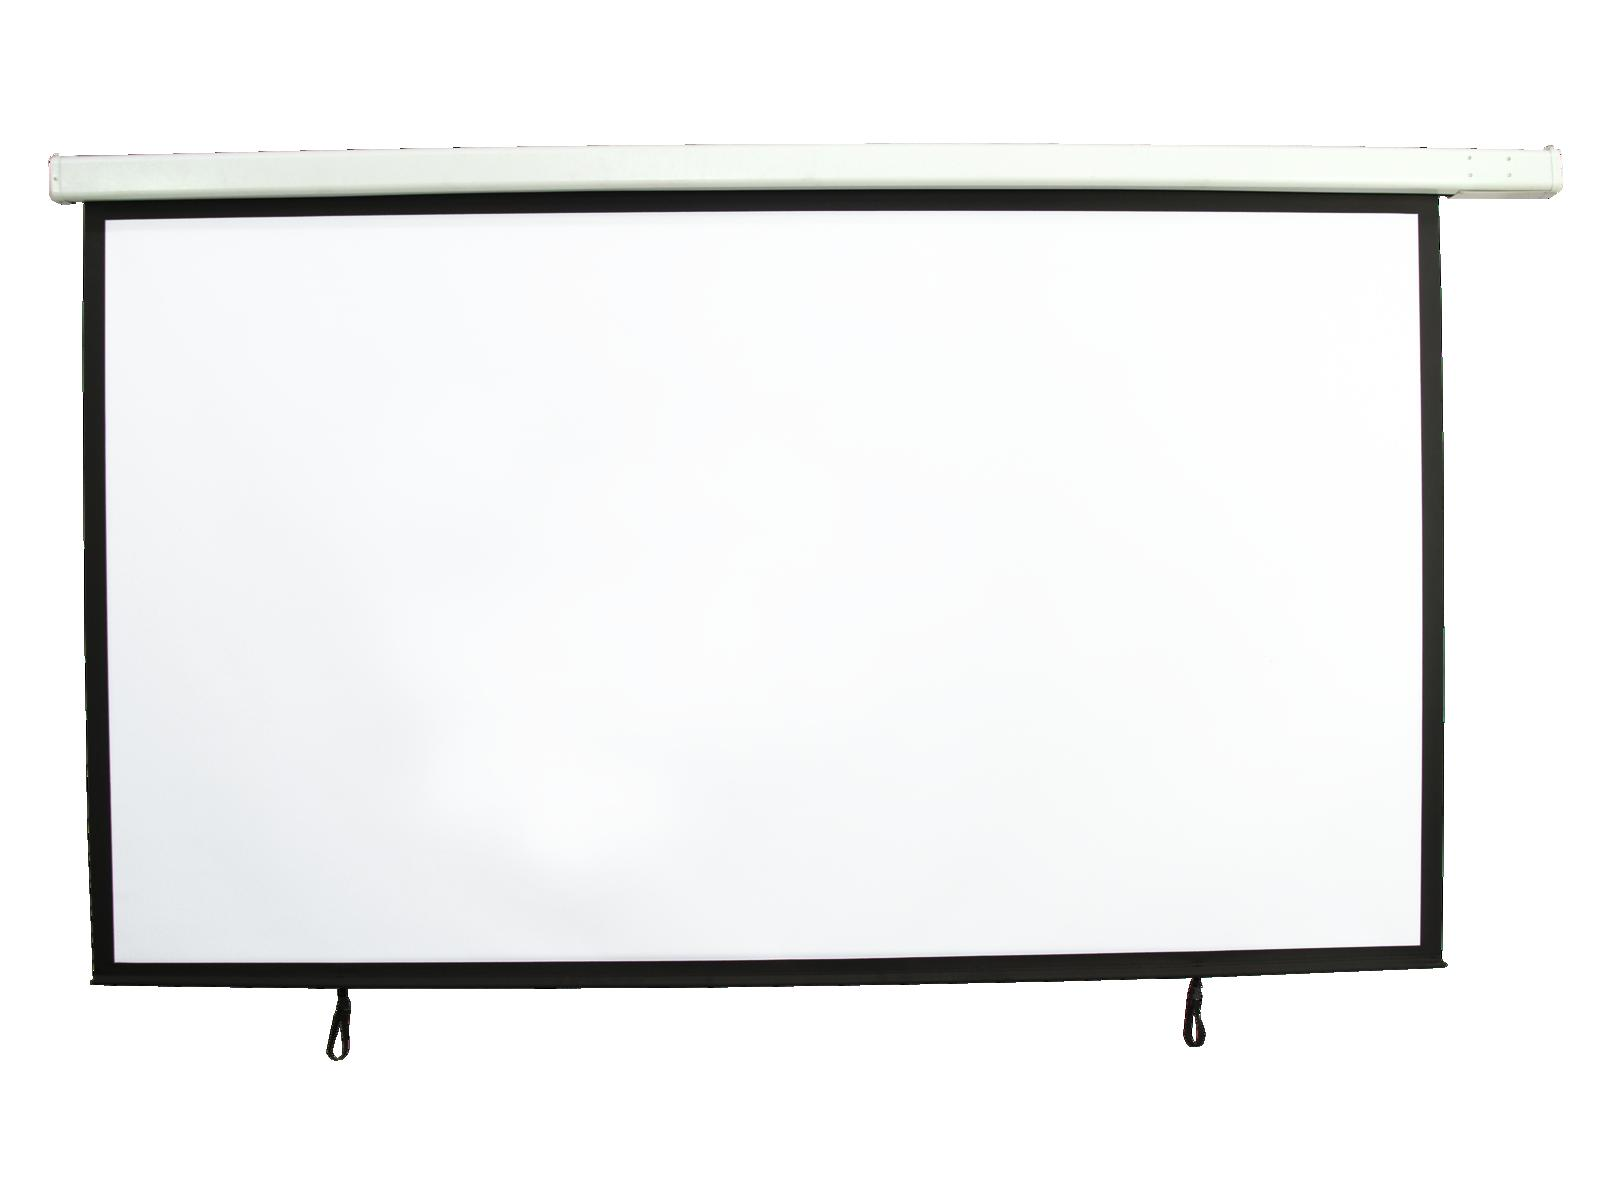 Projekční plátno s el. motorkem IR 16:9, 240 x 135 cm